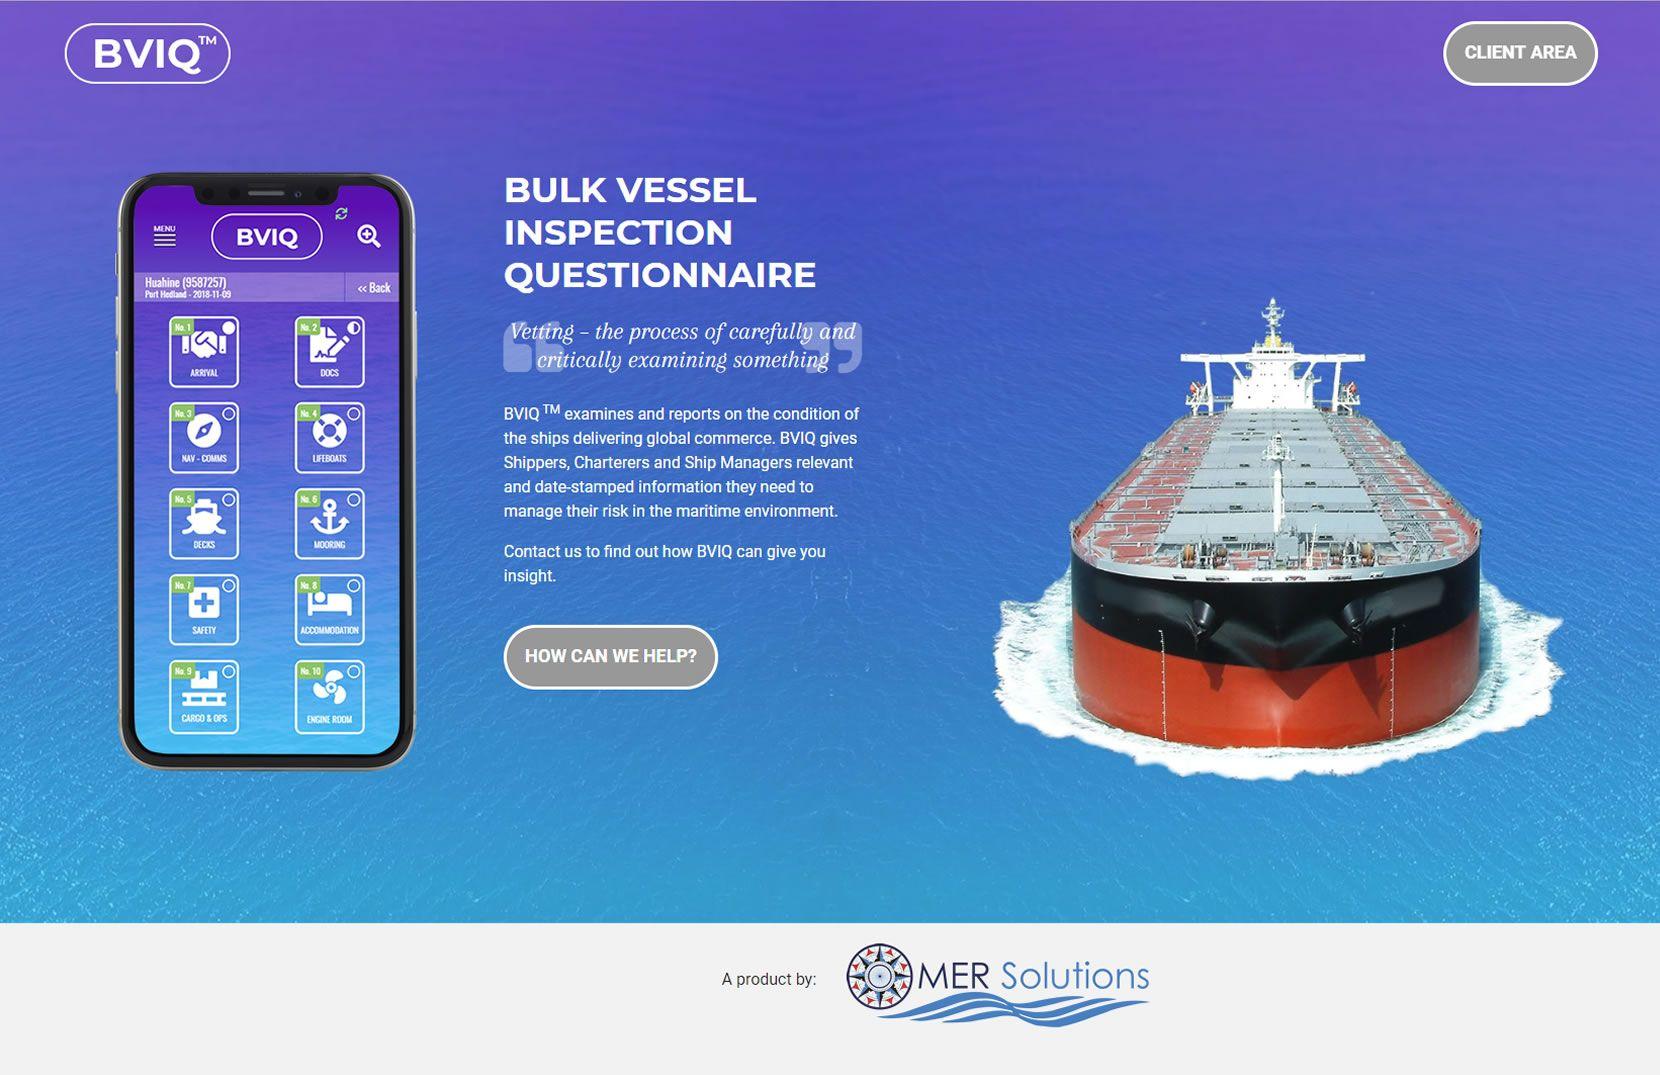 BVIQ Bulk Vessel Inspection Questionnaire